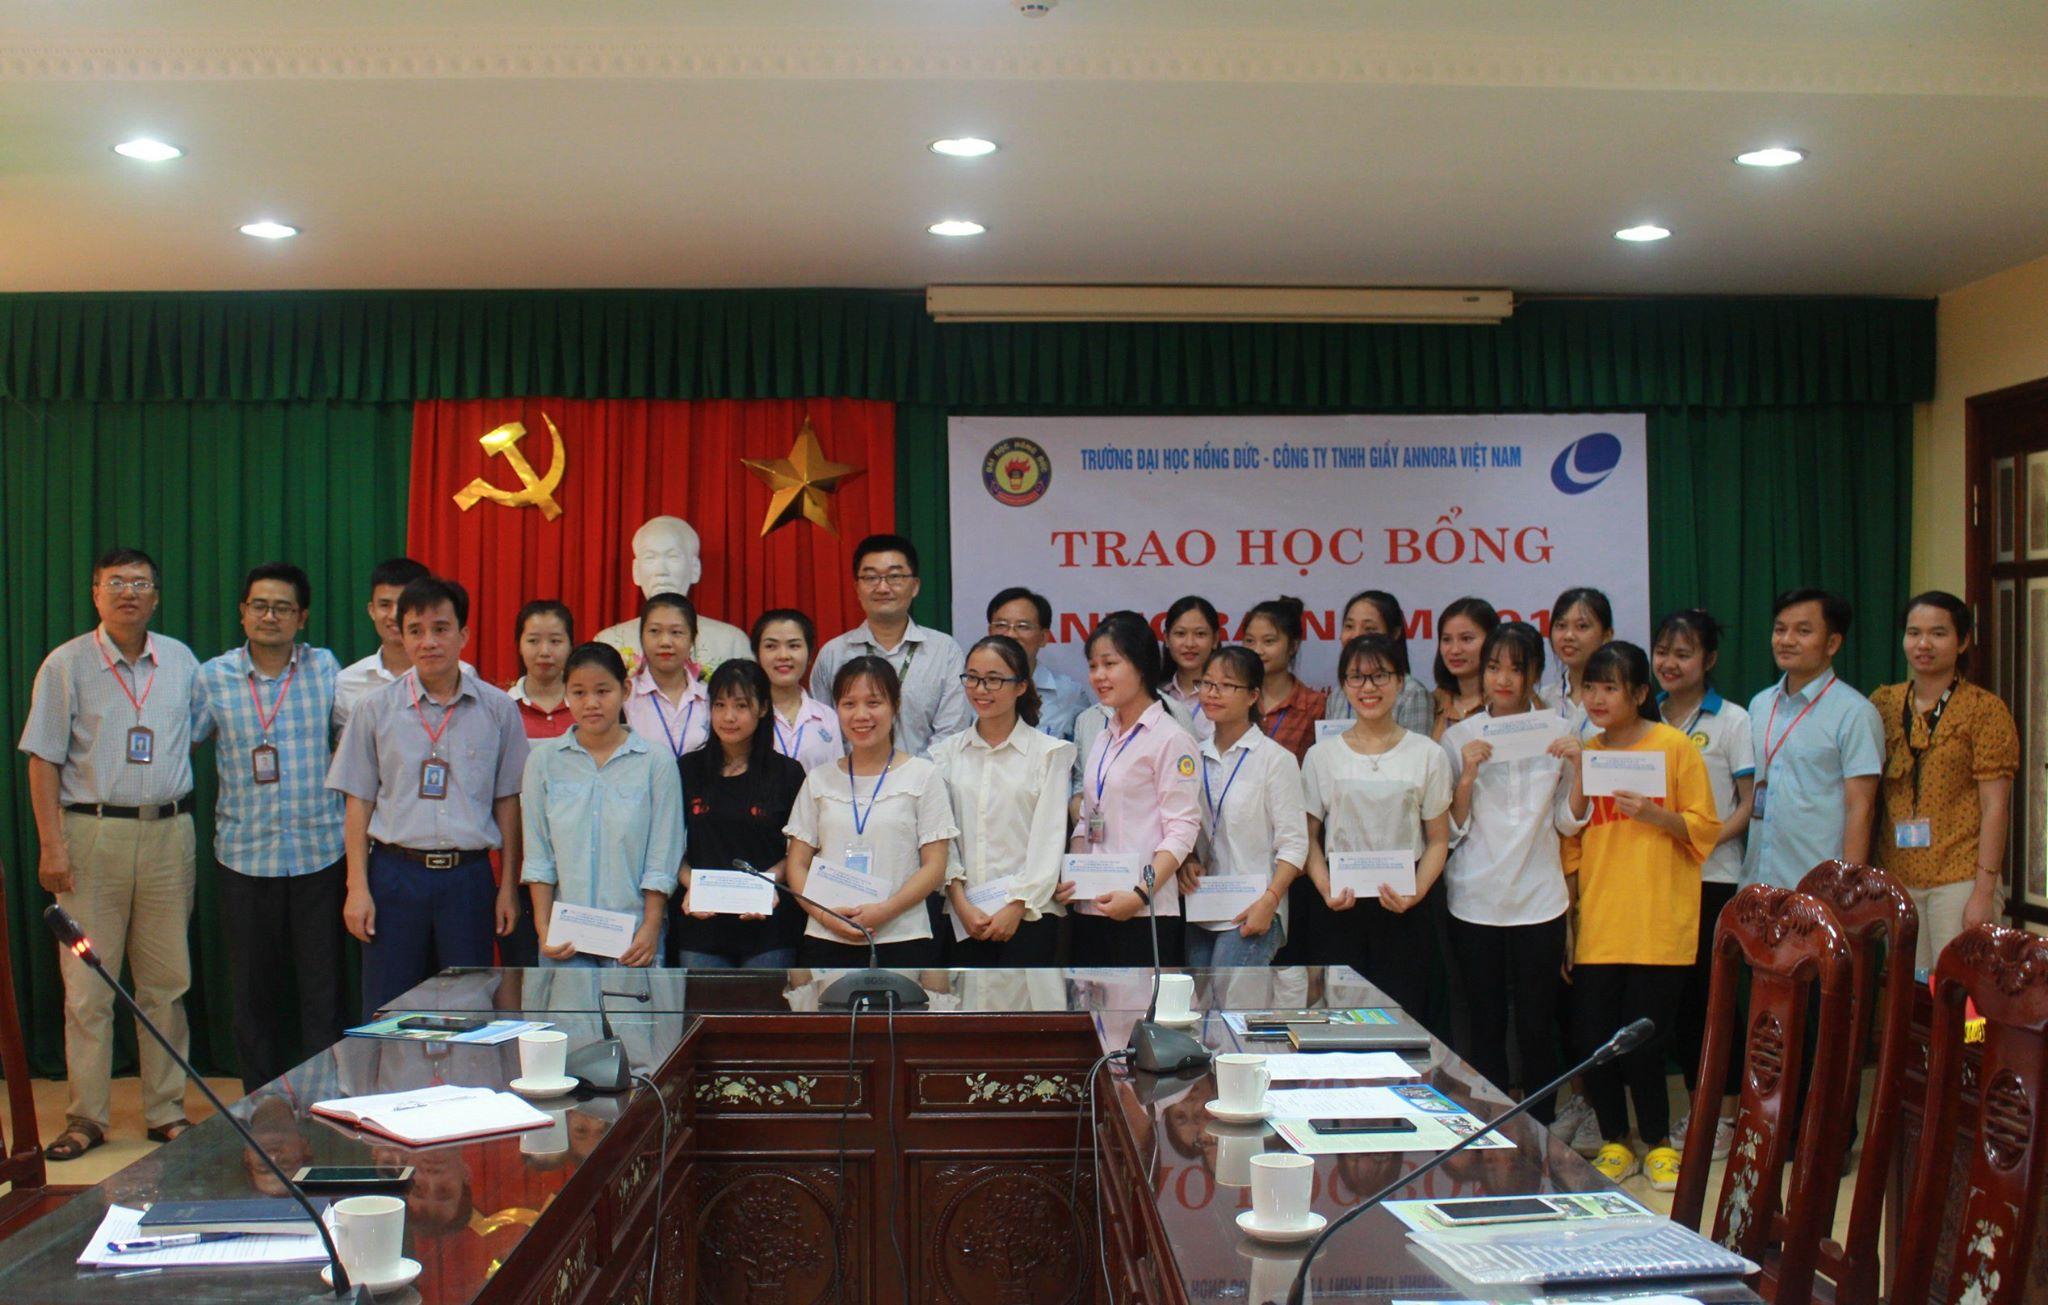 Trao học bổng của Công ty TNHH ANNORA Việt Nam cho HSSV nghèo vượt khó năm 2019